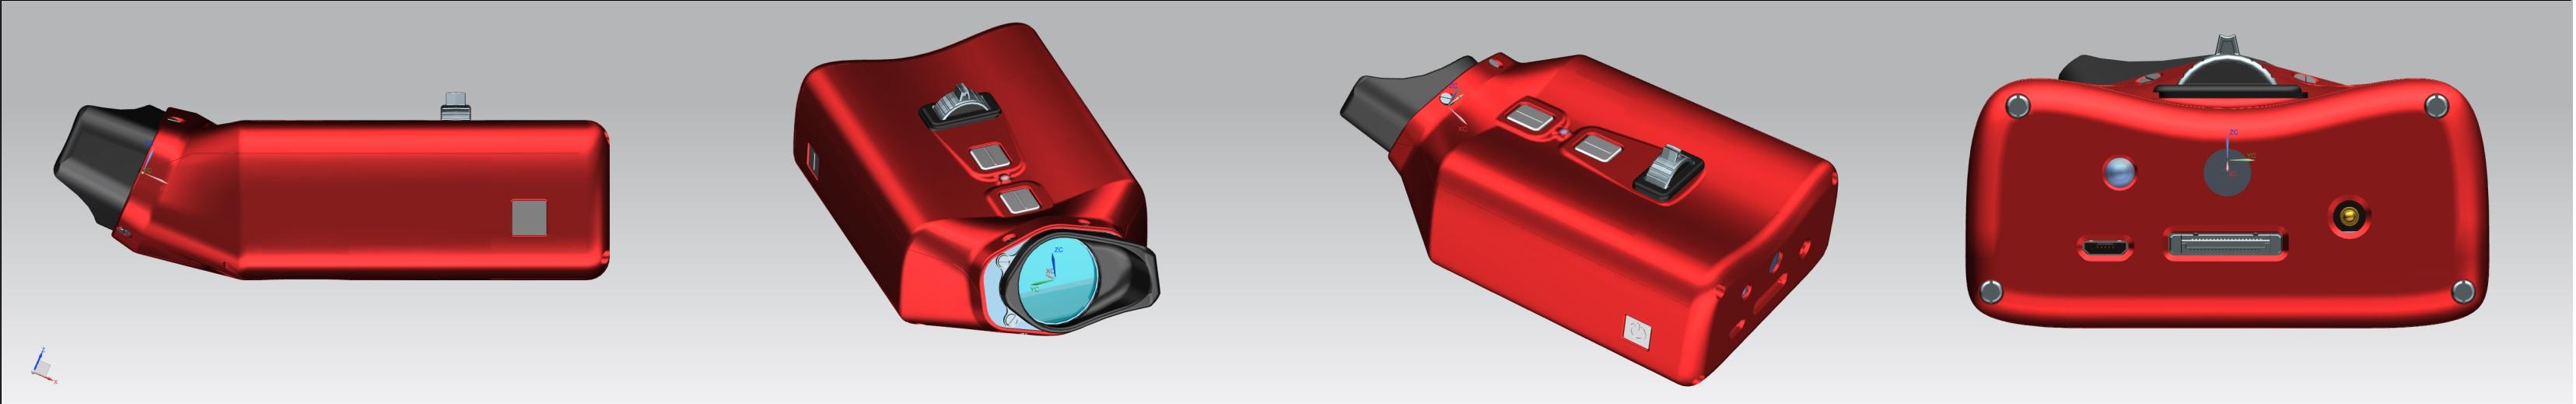 Das VoiSee wird von alle Richtungen in der Farbe rot dargestellt.